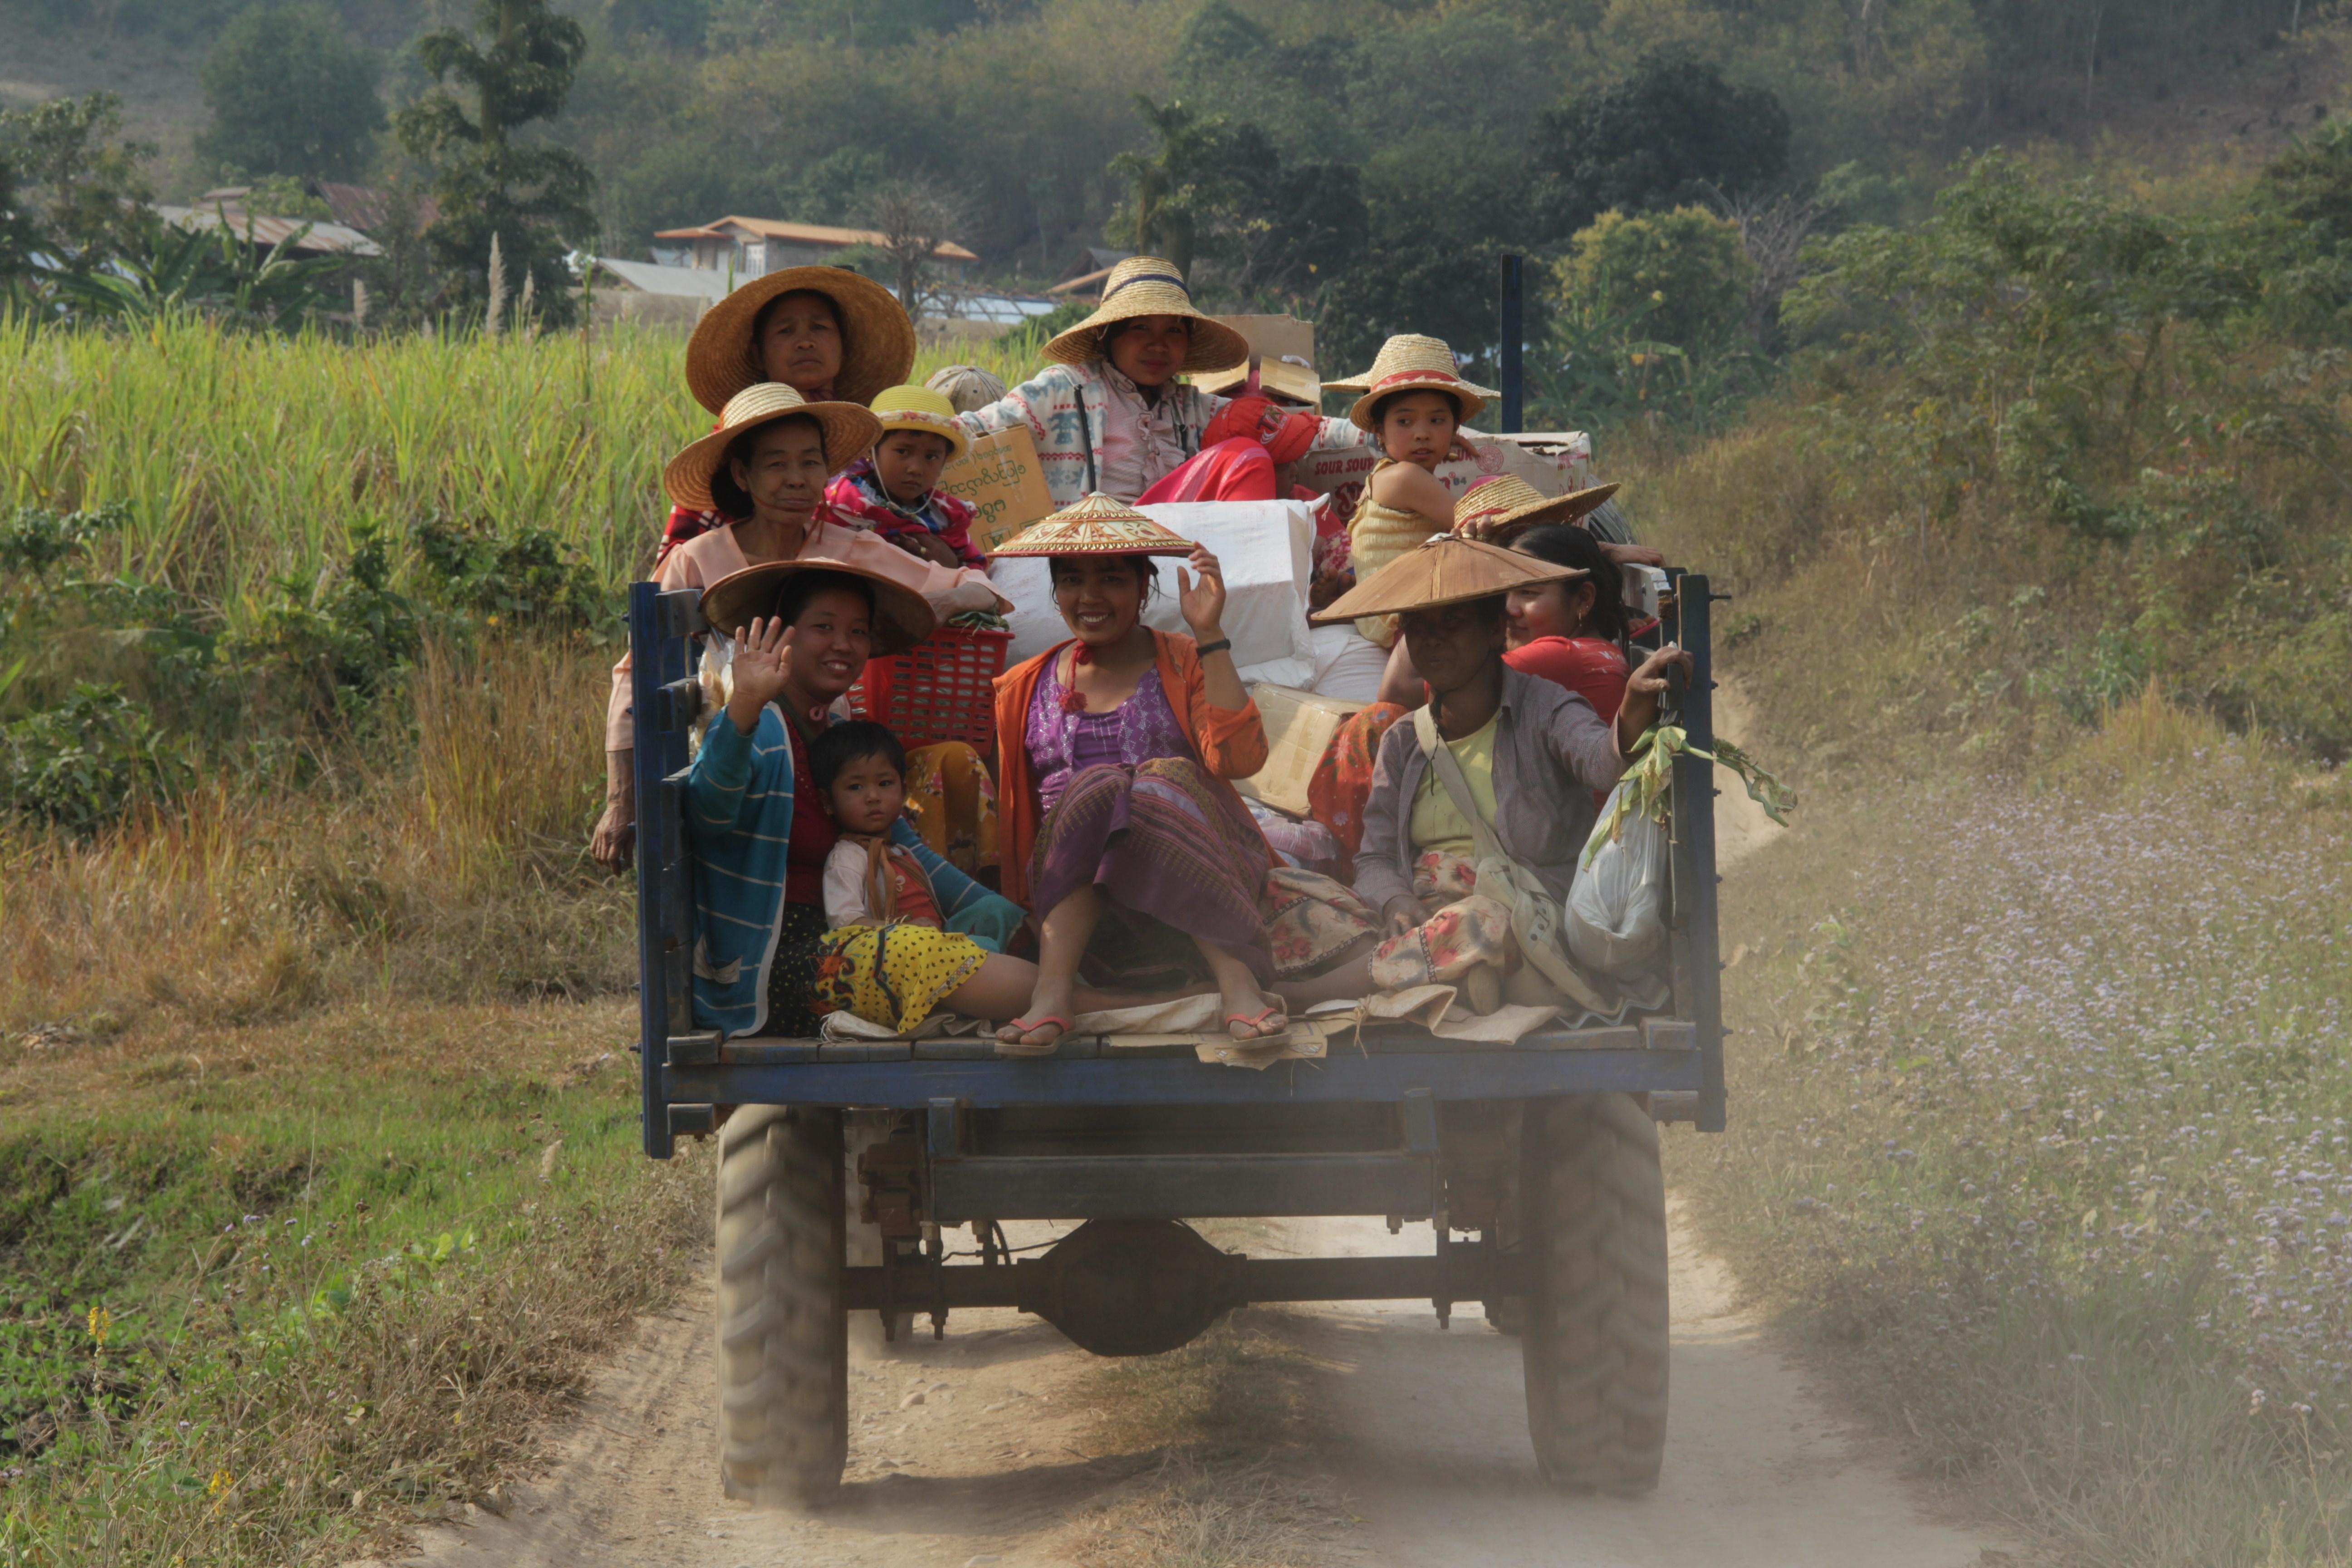 Juste avant de rejoindre la grande route, ce véhicule plein de femmes revient de la ville (© Aurélie Bacheley).